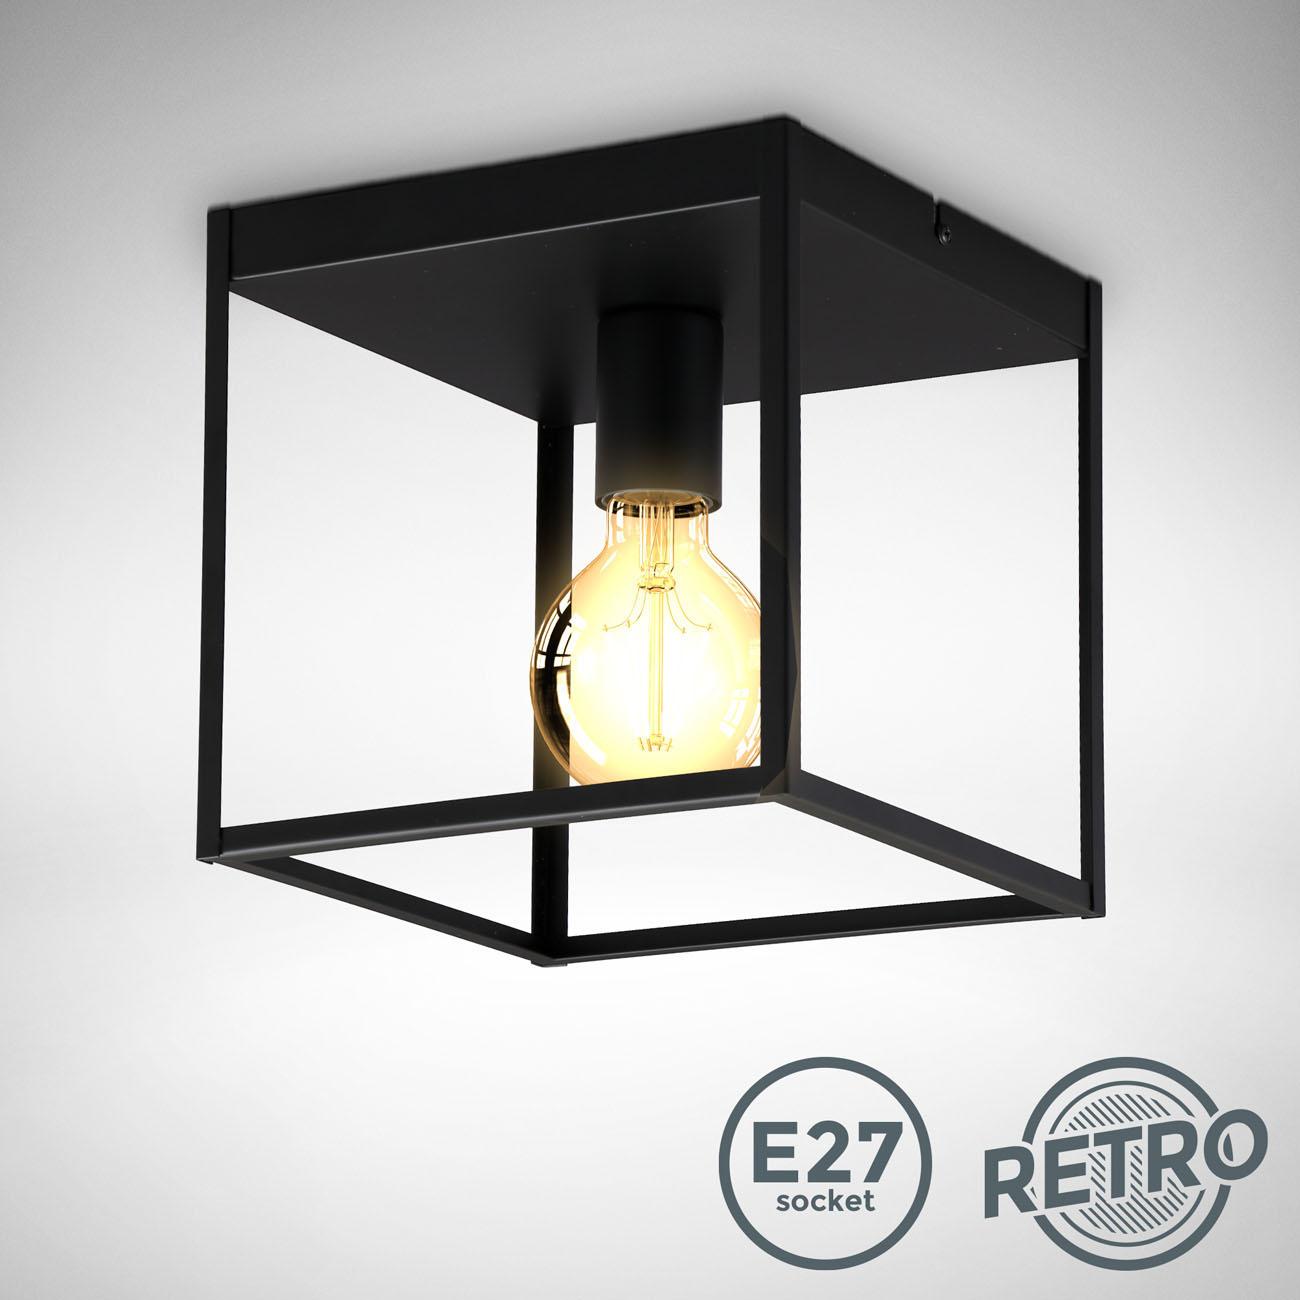 Vintage Käfig-Deckenleuchte Metall schwarz E27 - 3